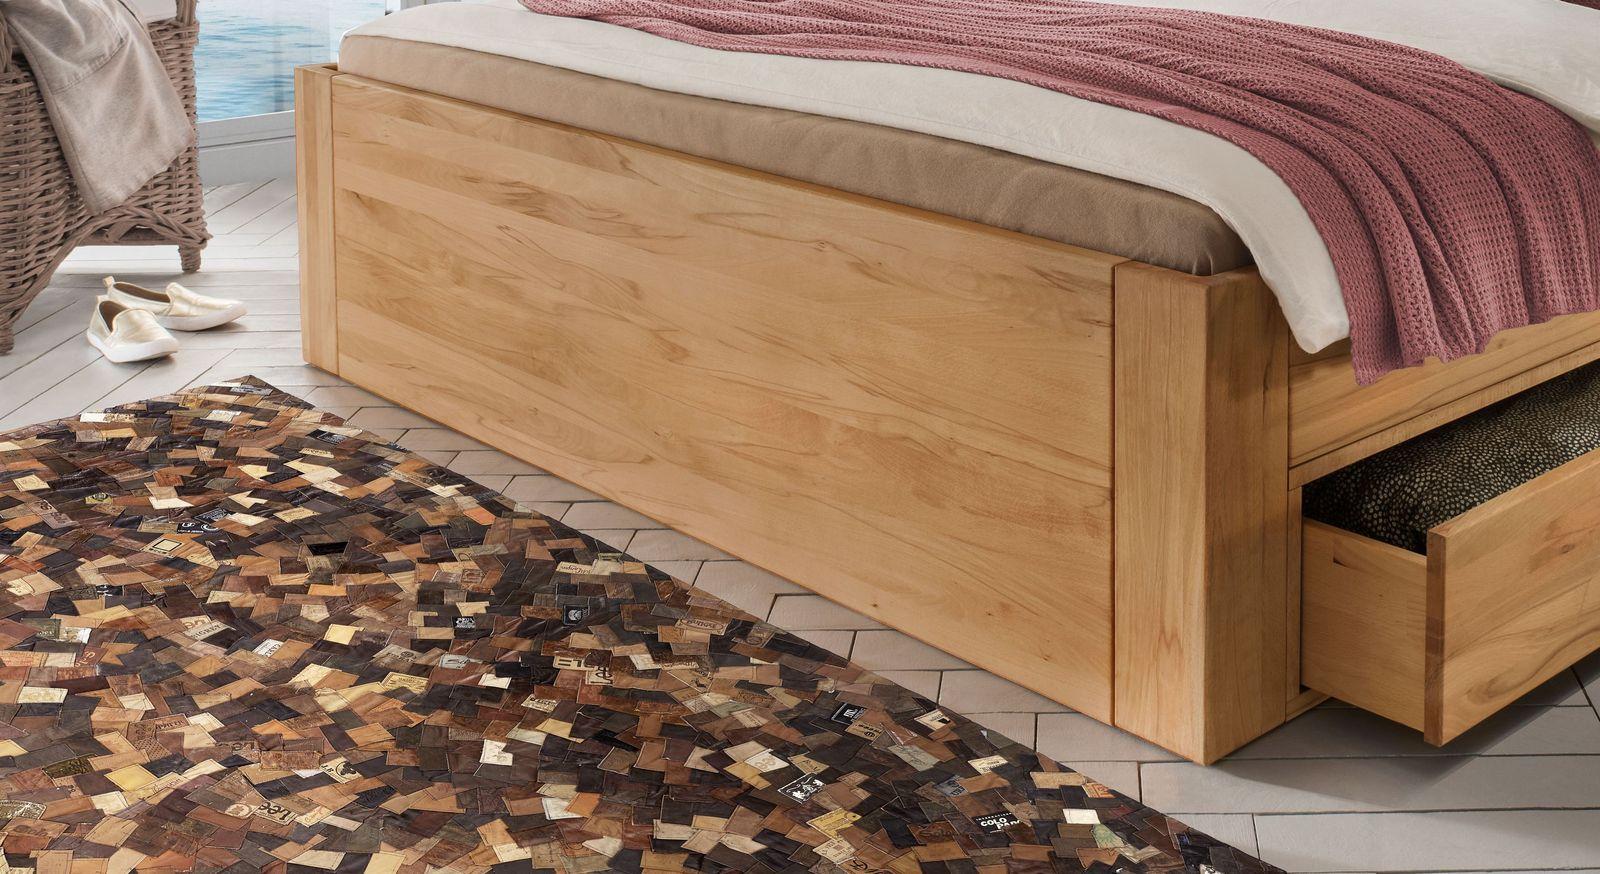 Schubkasten-Bett Aurach mit robustem Bettgestell